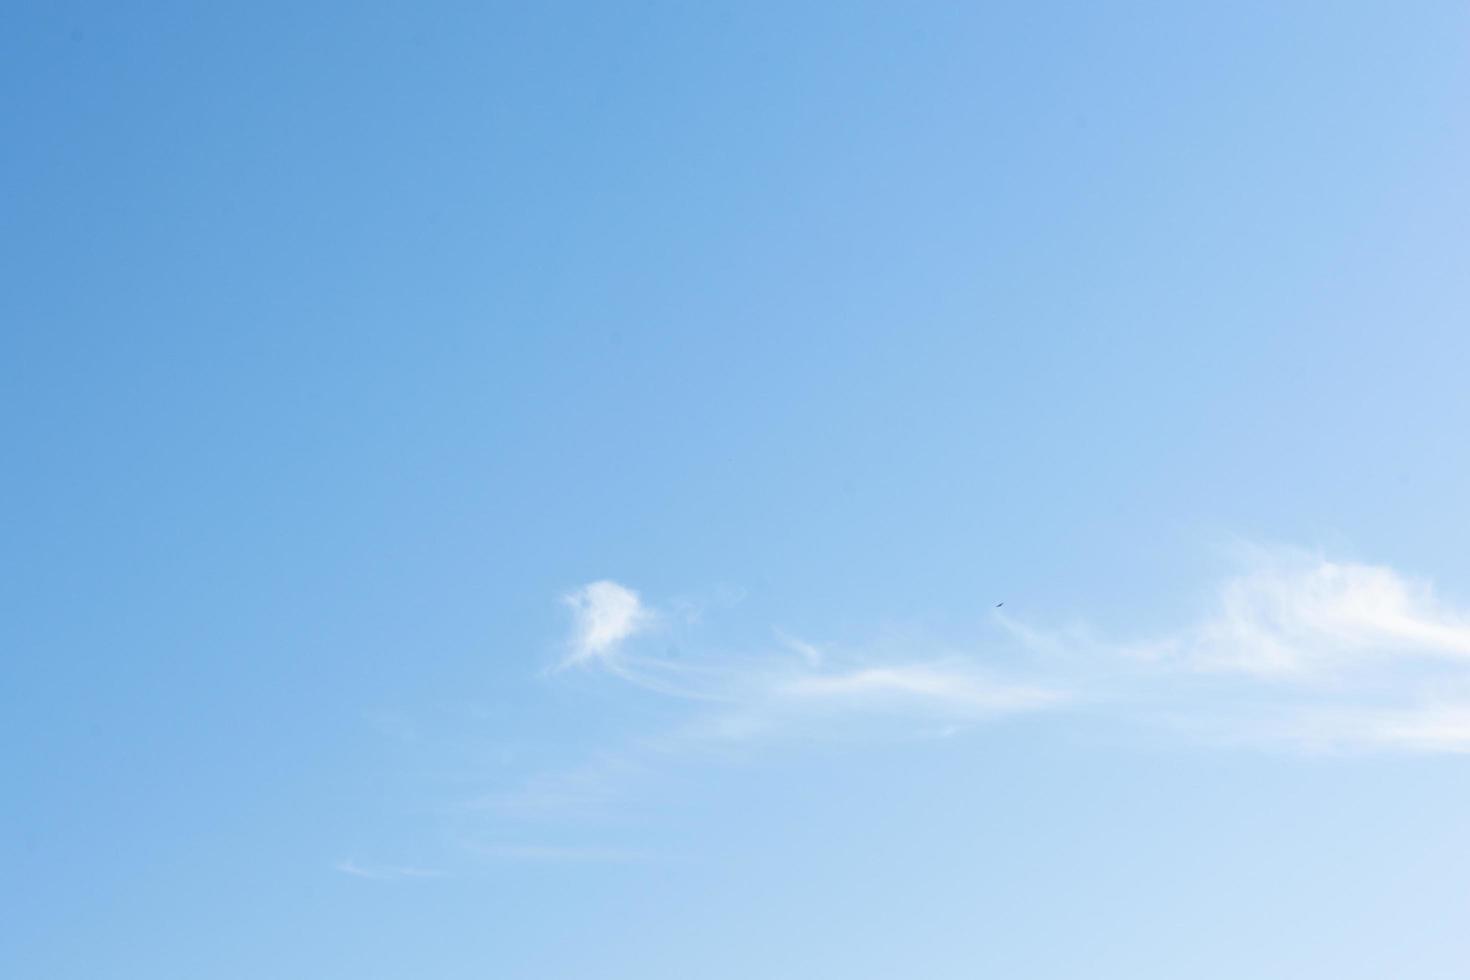 cielo con nubes blancas foto